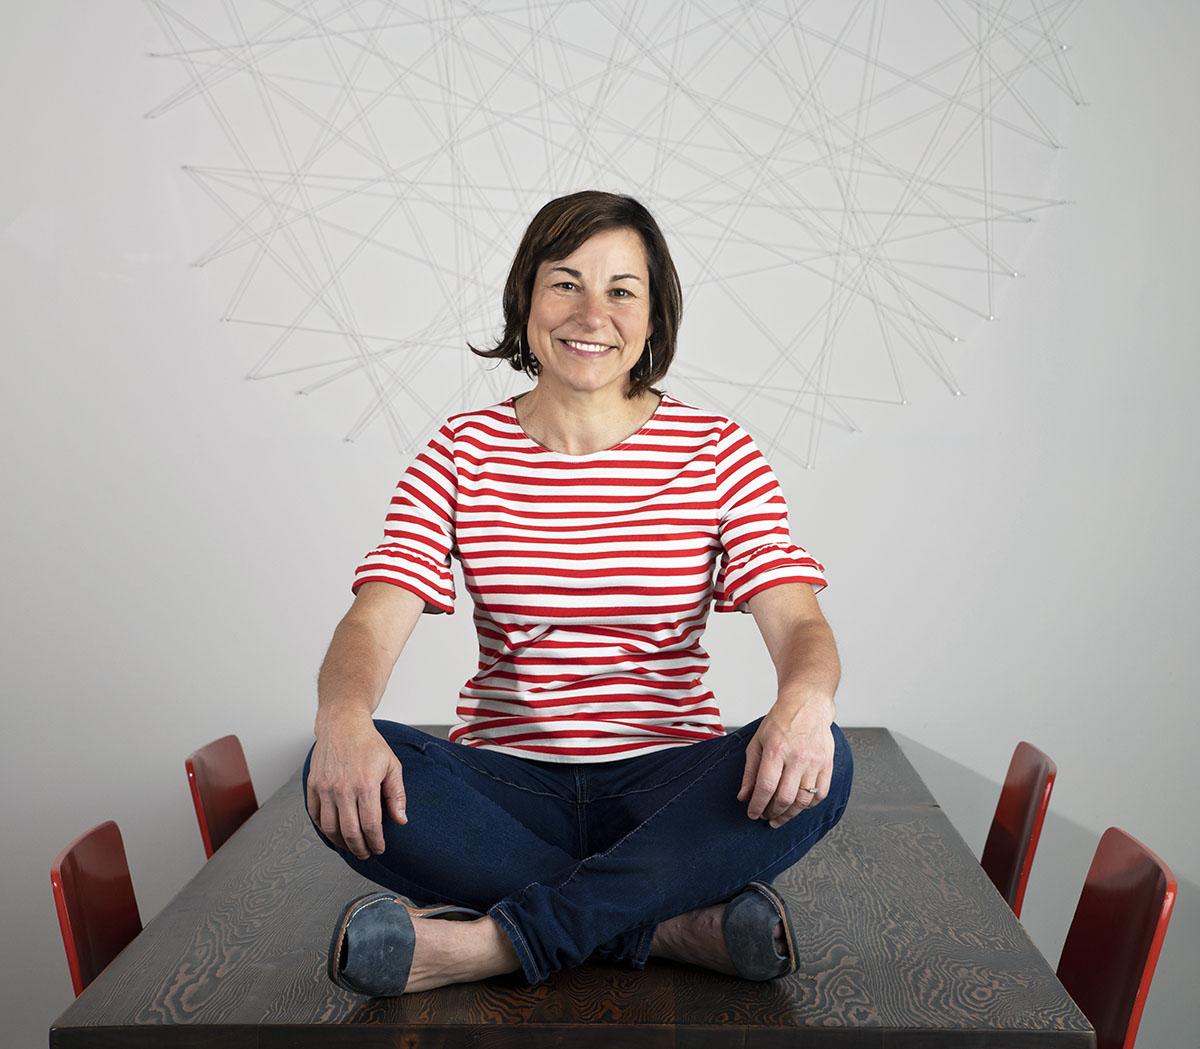 Zoe Mendell Portland designer